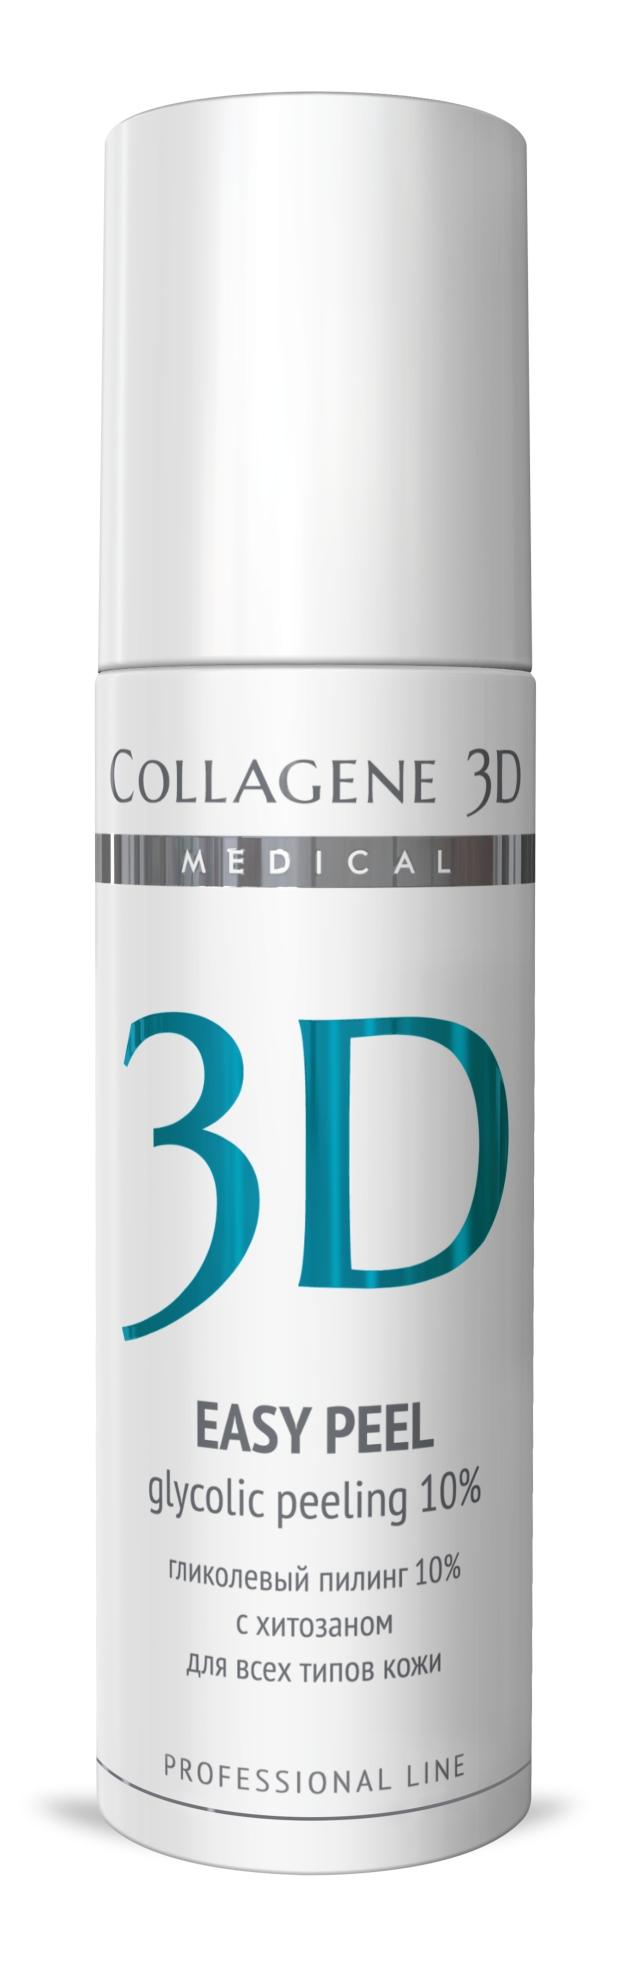 """MEDICAL COLLAGENE 3D ����-������ � ��������� �� ������ ���������� ������� 10% (pH 2,8) """"Easy Peel"""" 130�� ����."""